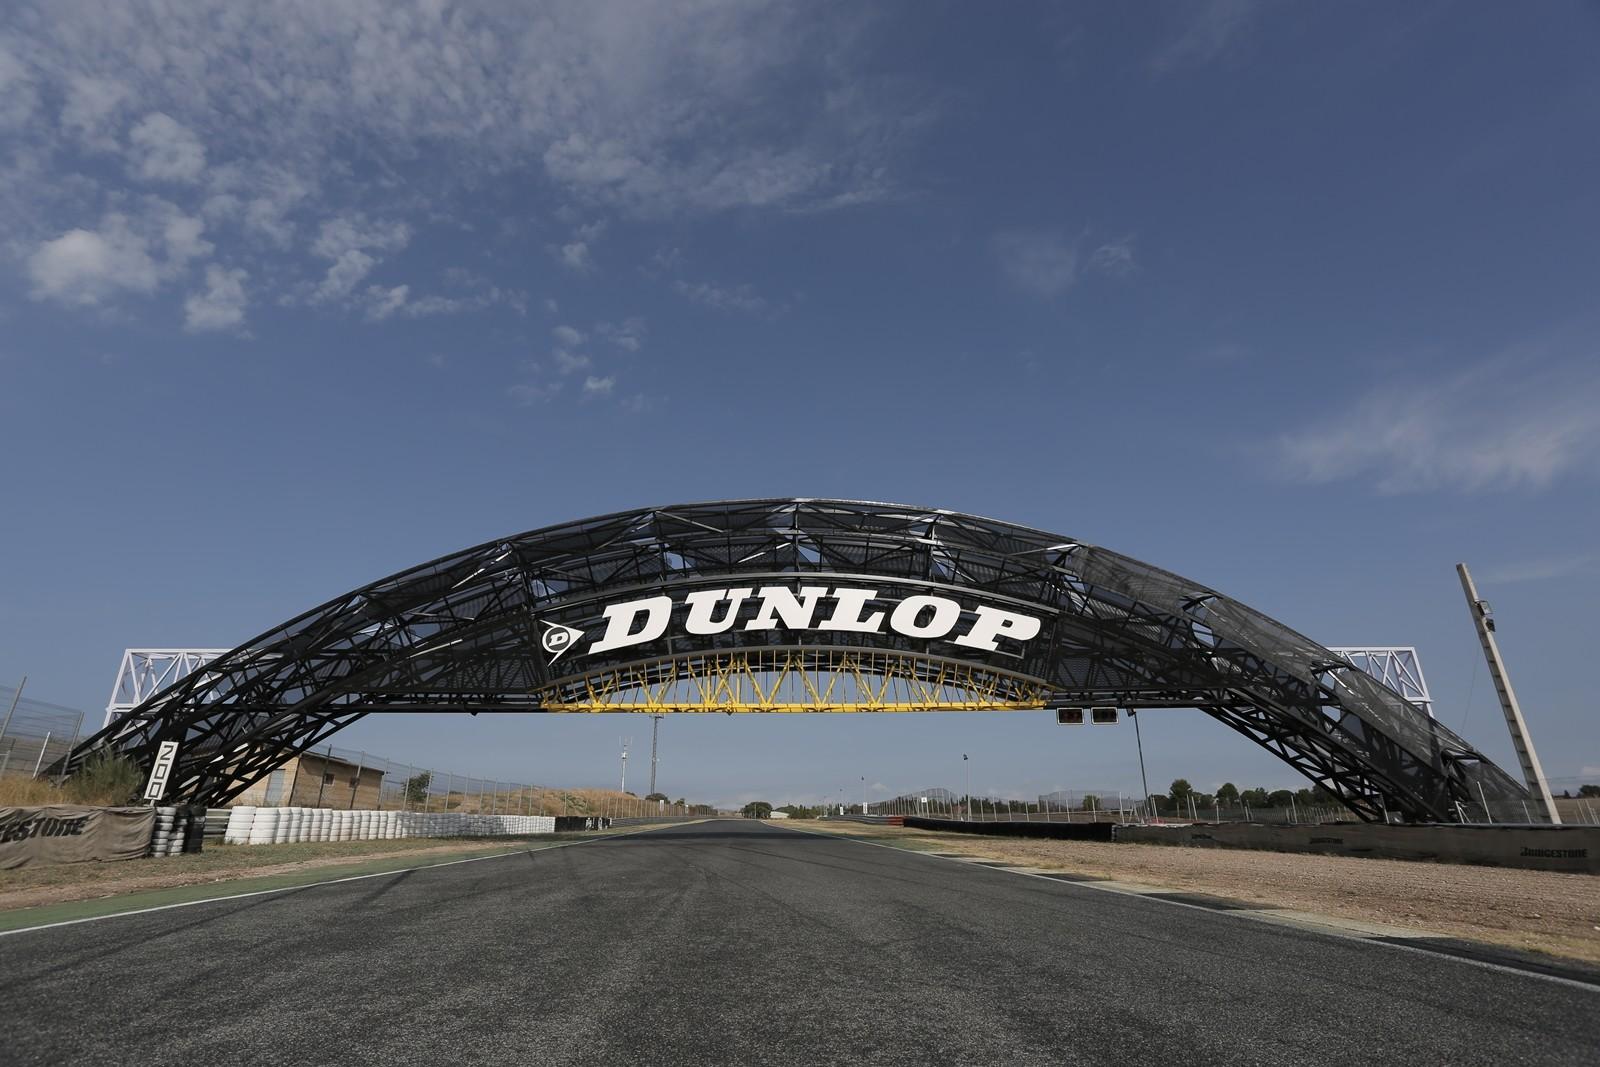 Circuito Jarama : Foto de puente dunlop circuito del jarama